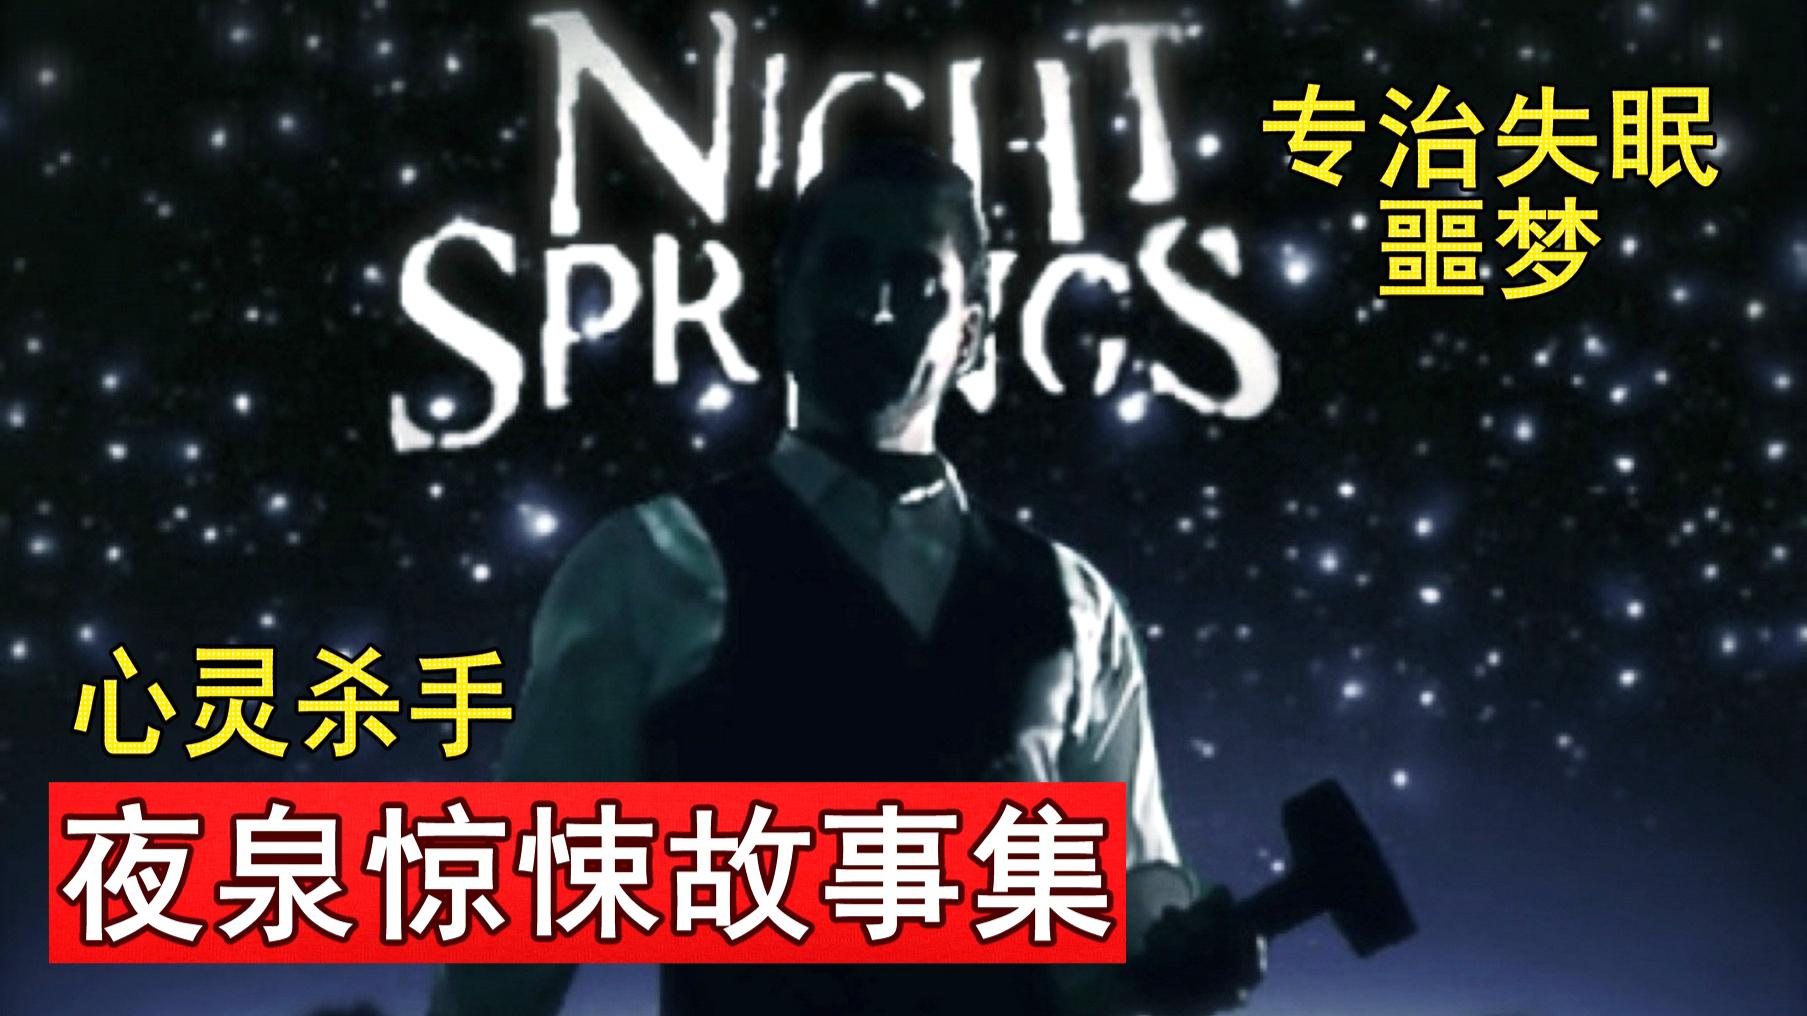 """【精读】一档""""不存在""""的深夜惊悚节目,心灵杀手""""剧中剧""""《夜泉》故事讲述"""